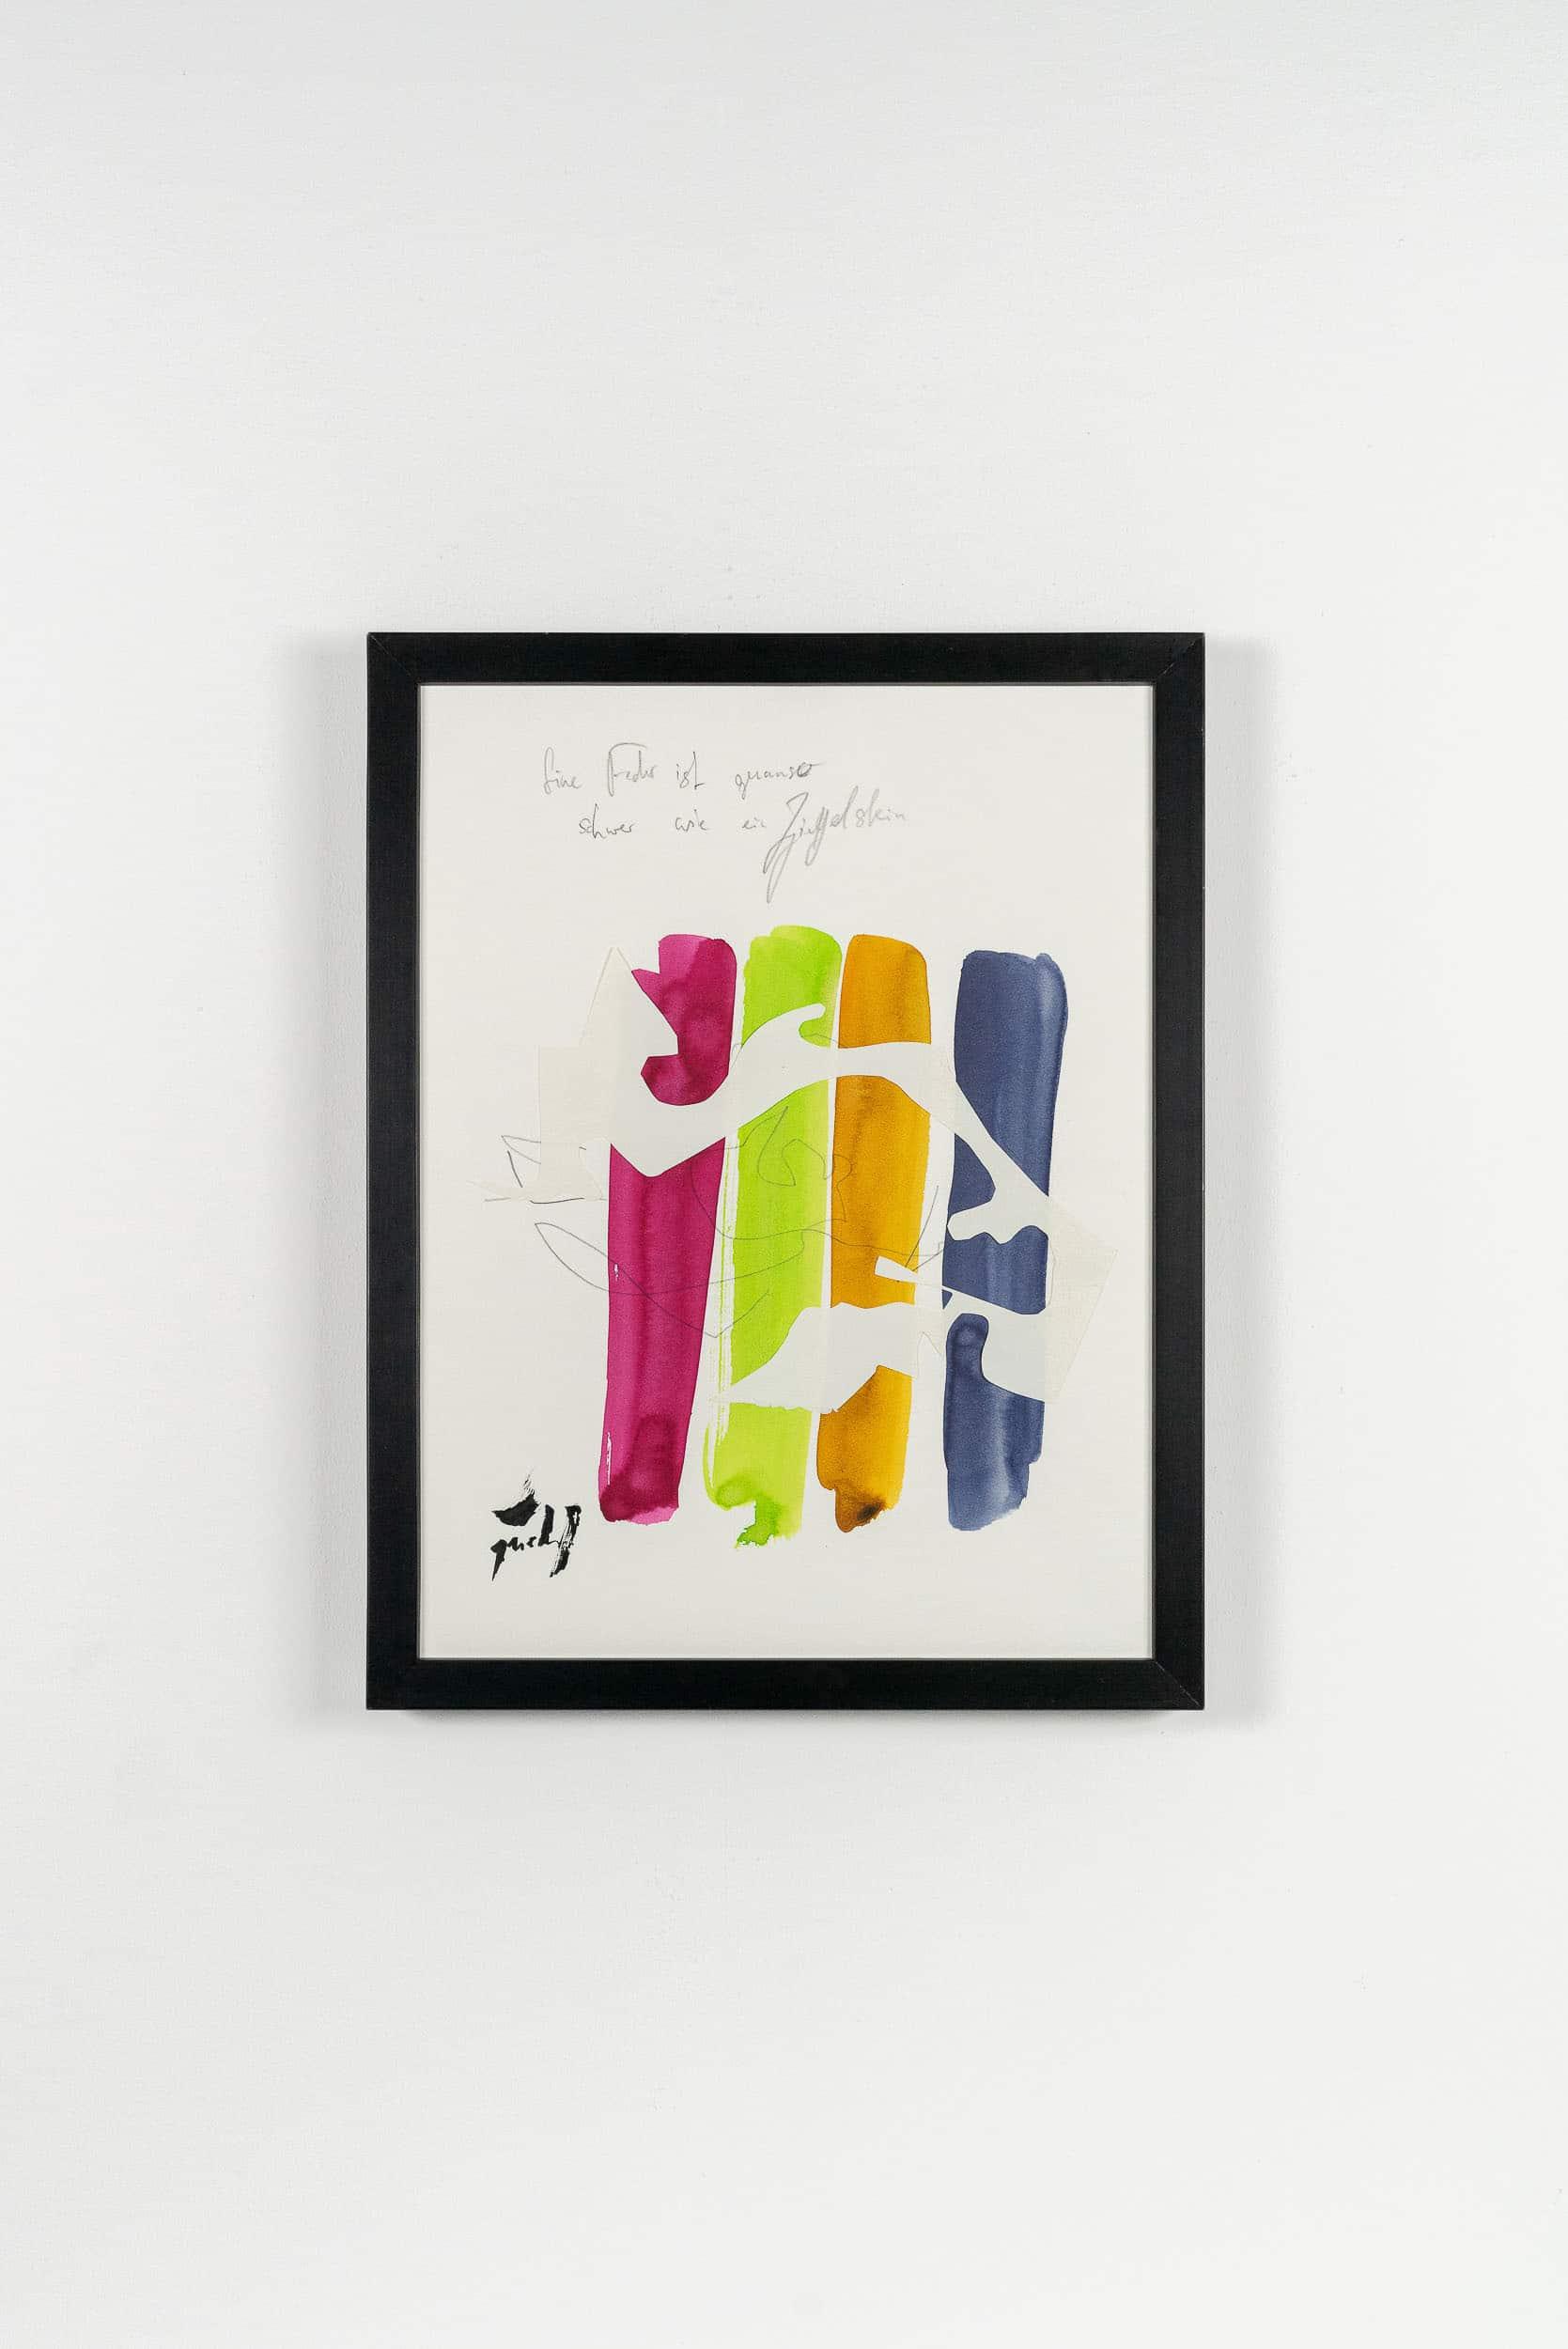 SiL23 Feder und Ziegelstein 30 × 40 cm Tusche / Papier / Graphit / Scherenschnitt / Text 2013 5 Identisch